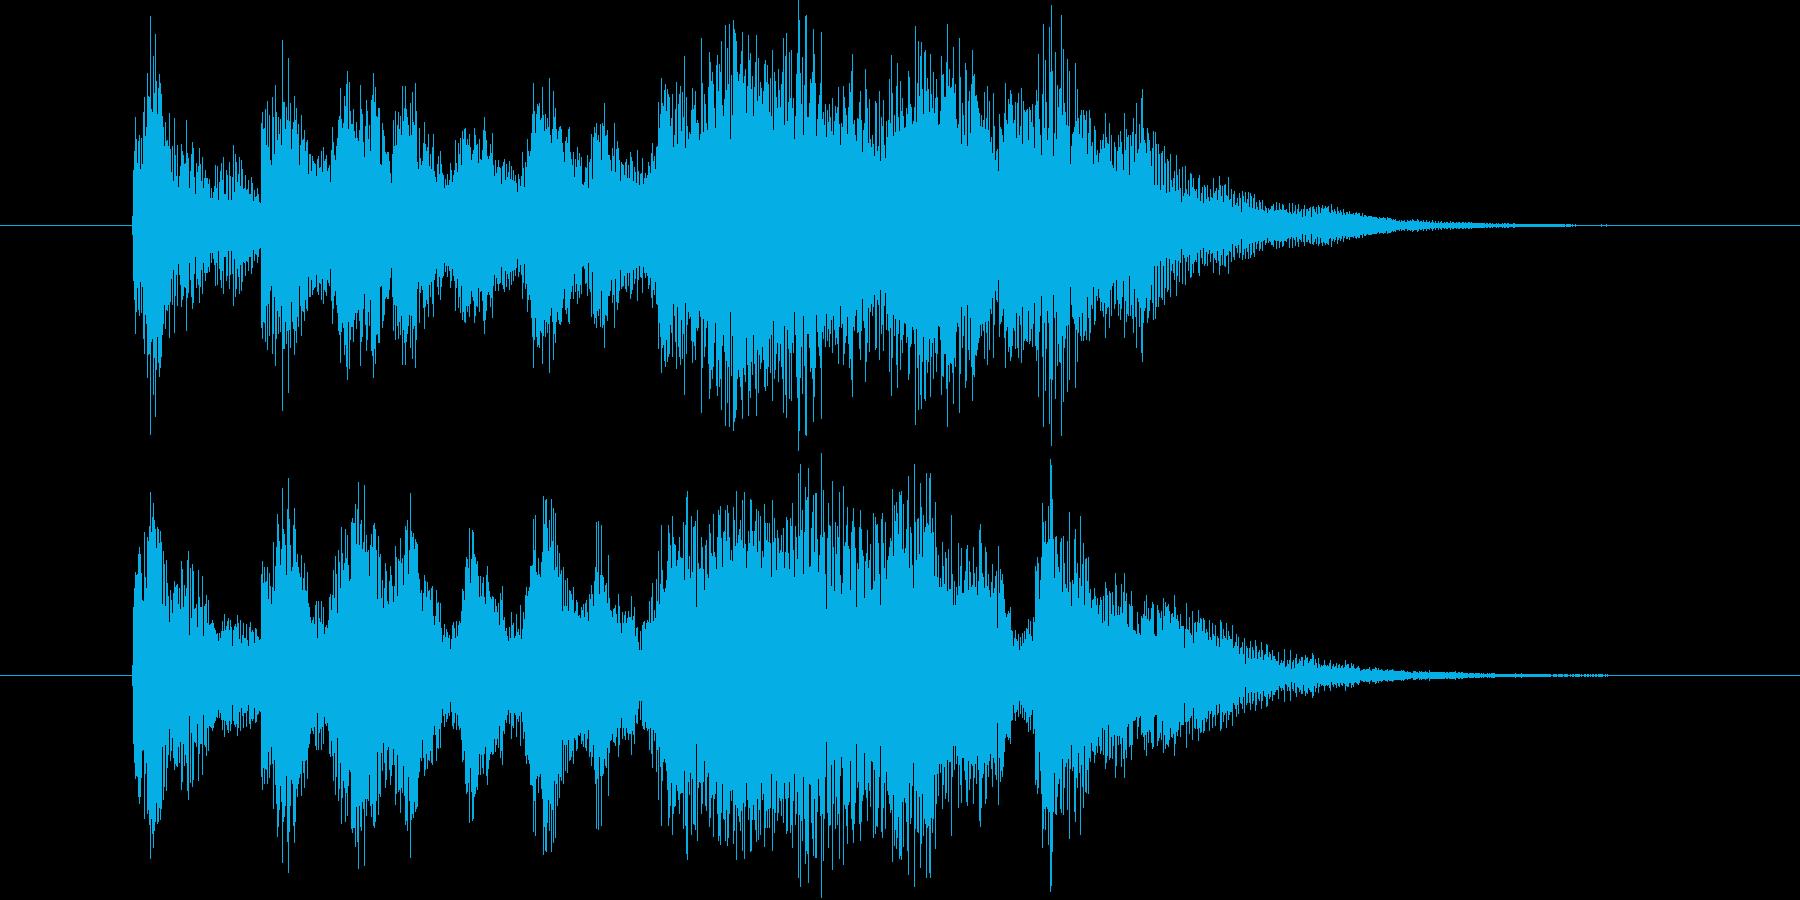 豪華で勢いのある弦楽器・打楽器サウンドの再生済みの波形